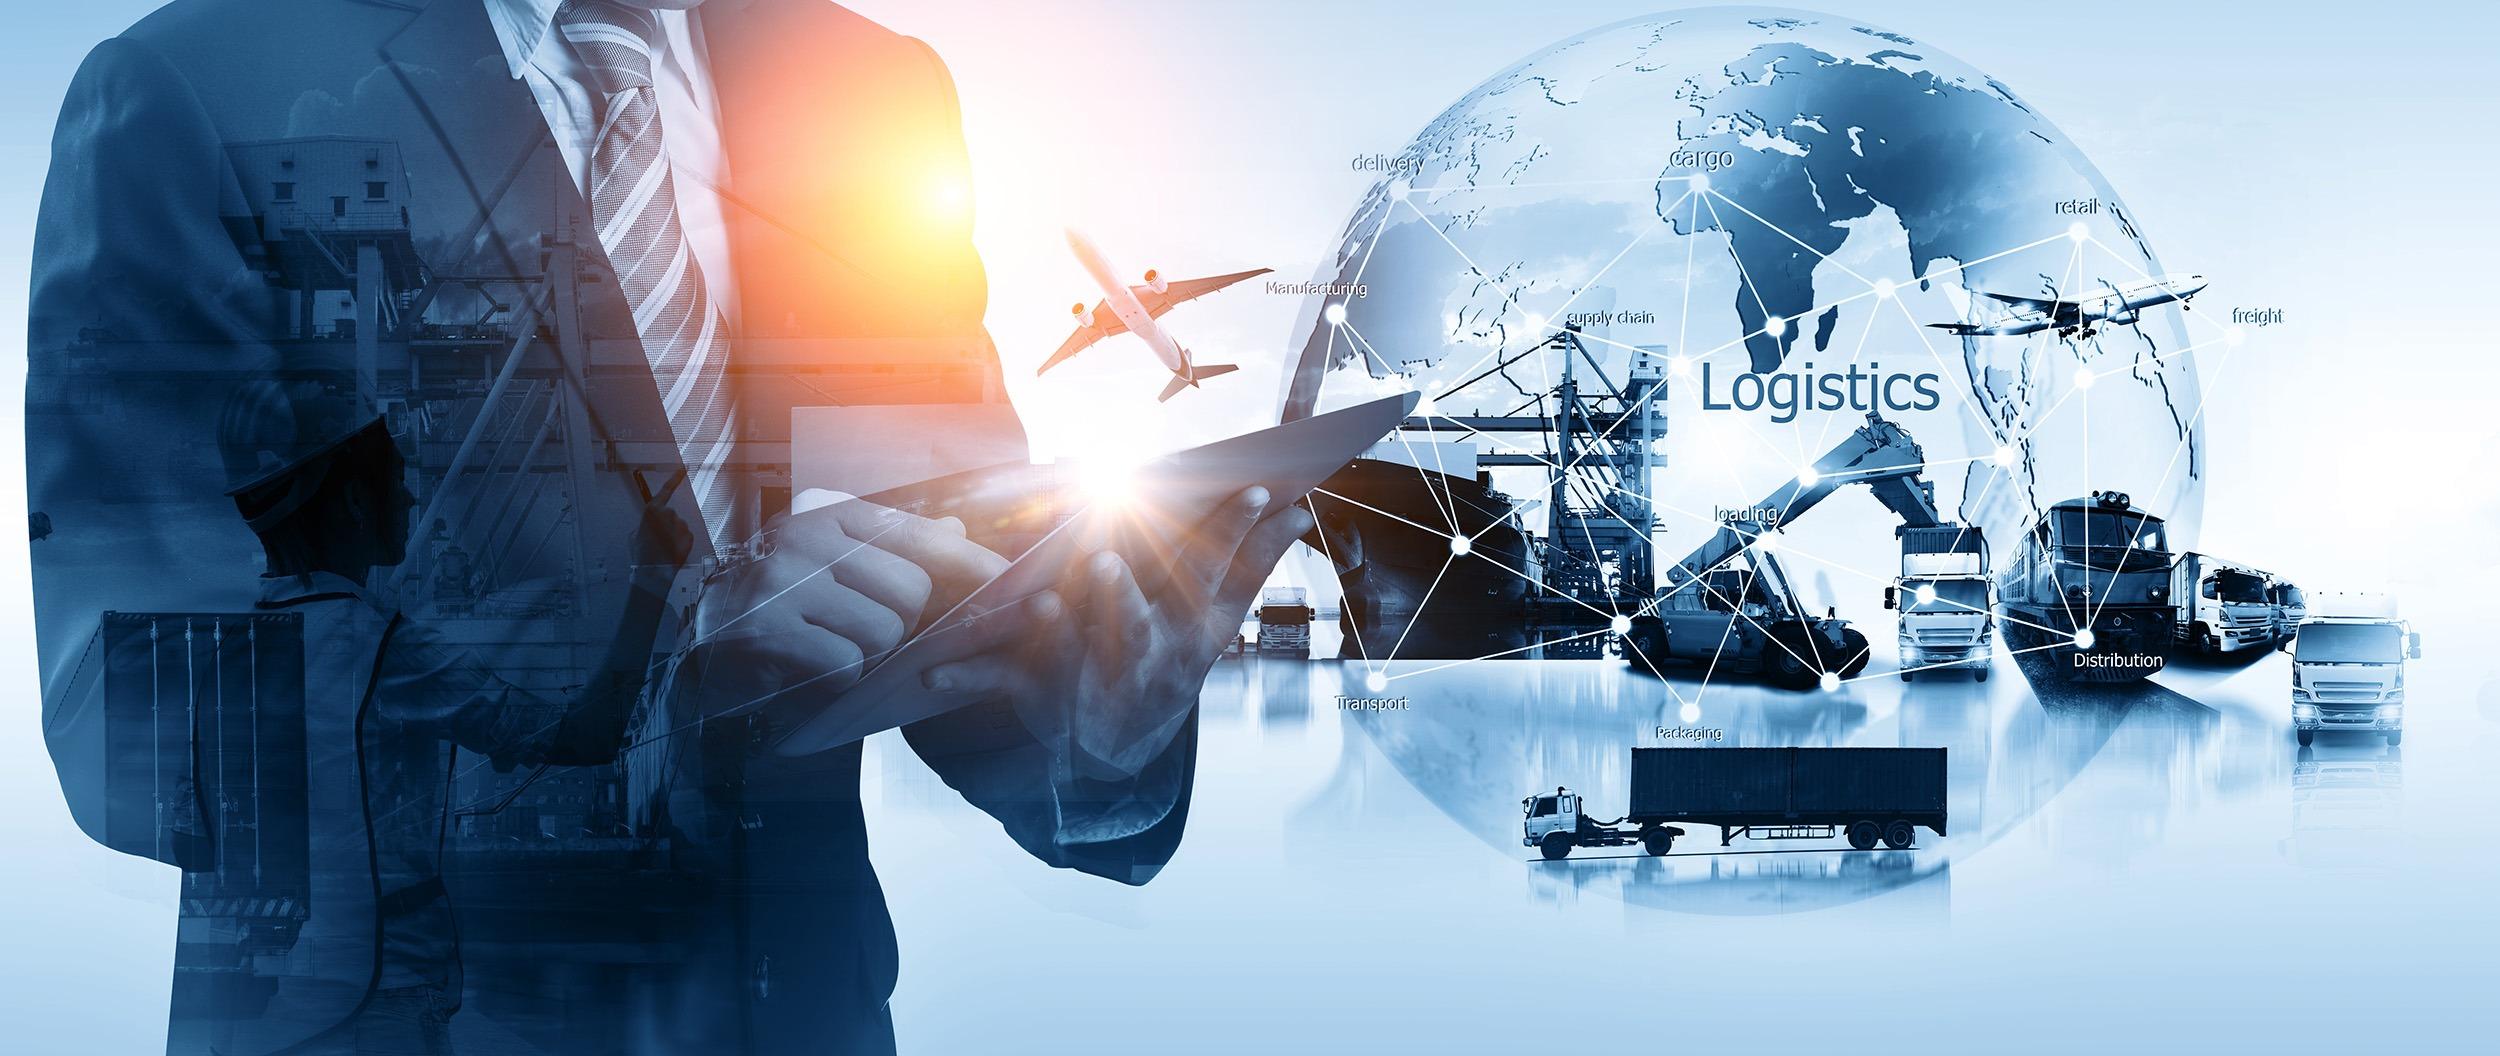 Інтернет речей у бізнесі: як це працює?, автор Київстар | Kyivstar Business Hub, зображення №1